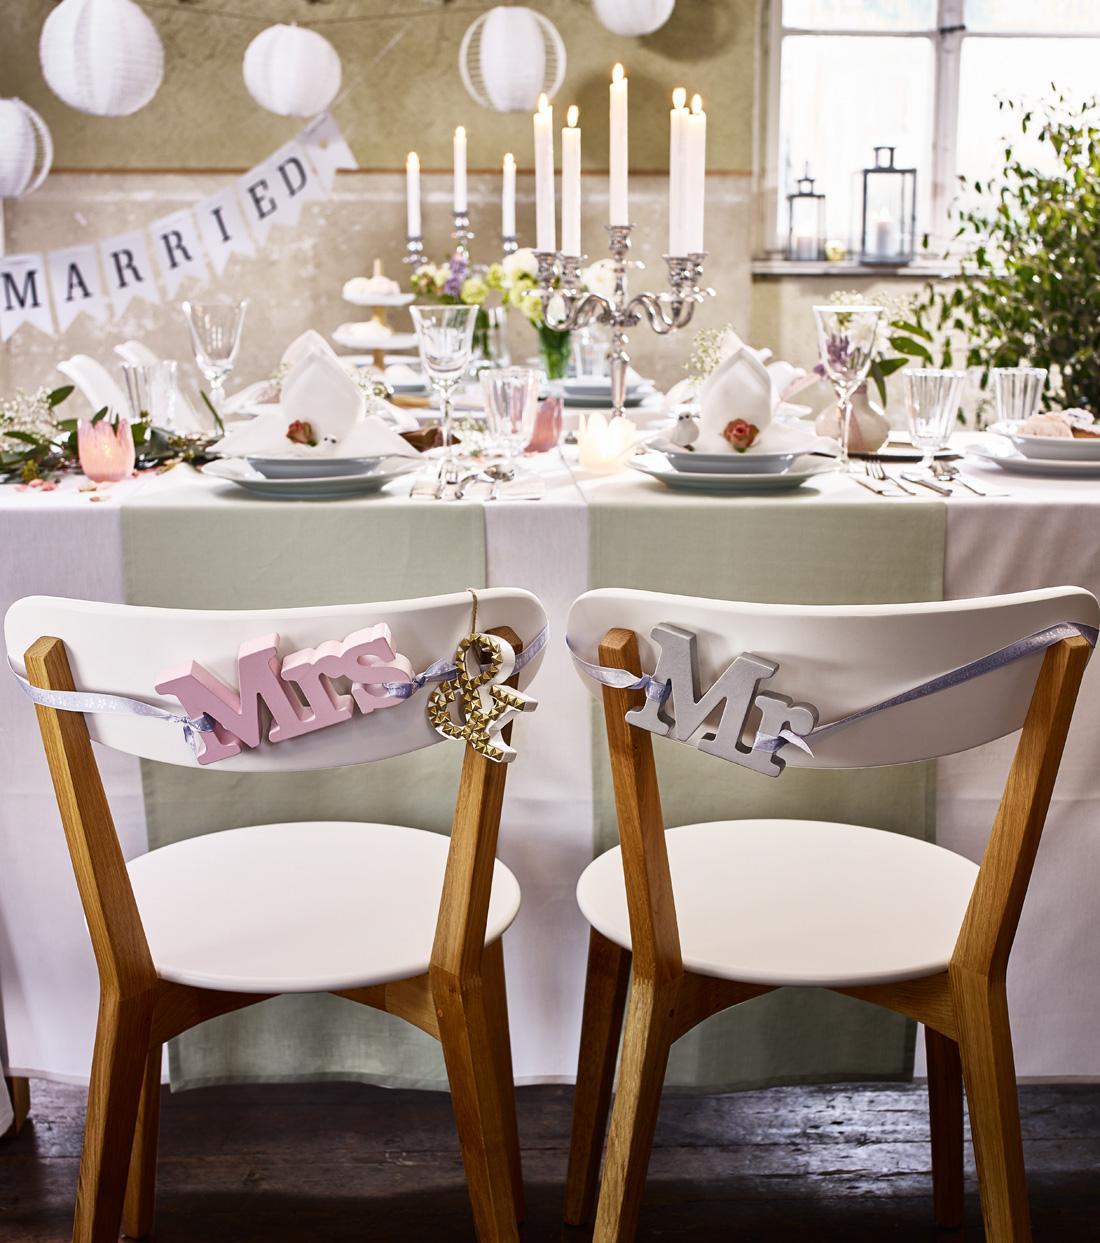 Hinreiend Trennwand Modern Tischdeko Hochzeit Vintage Runde Tische Inside  Tisch Mit Fantastisch Kuhle Startseite Dekoration Und. Tischdeko Fr Die  Perfekt ...